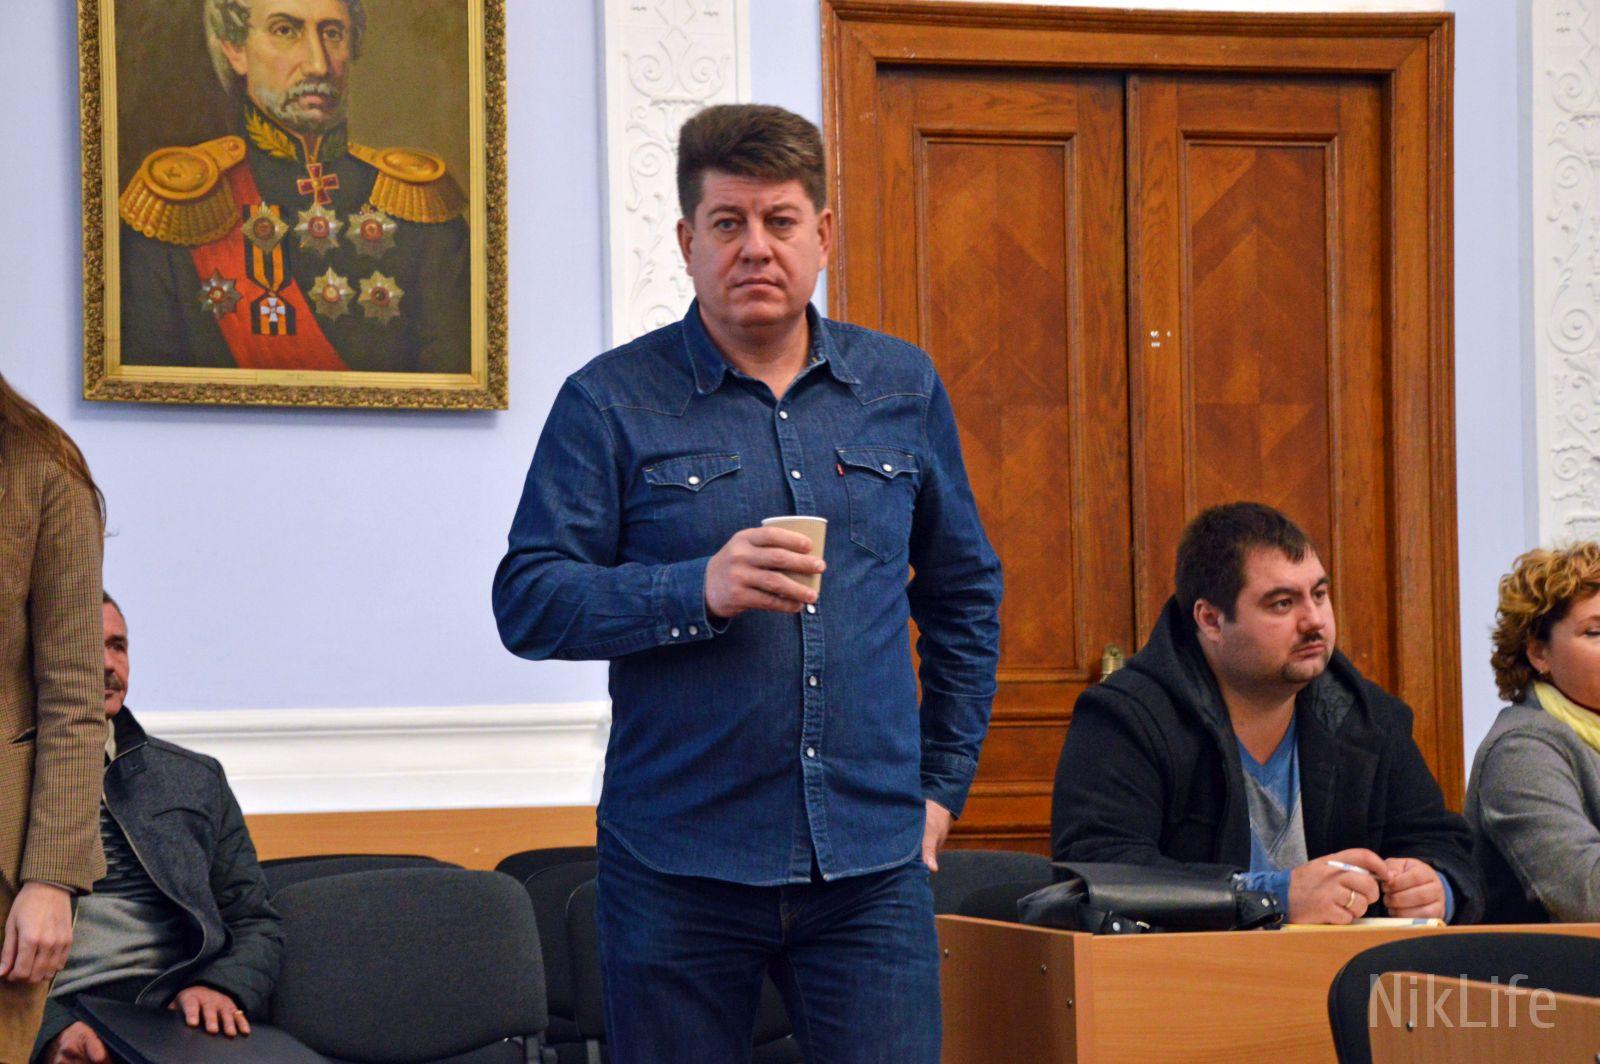 Жители Николаева пожаловались Медведчуку на местного депутата из ОПЗЖ